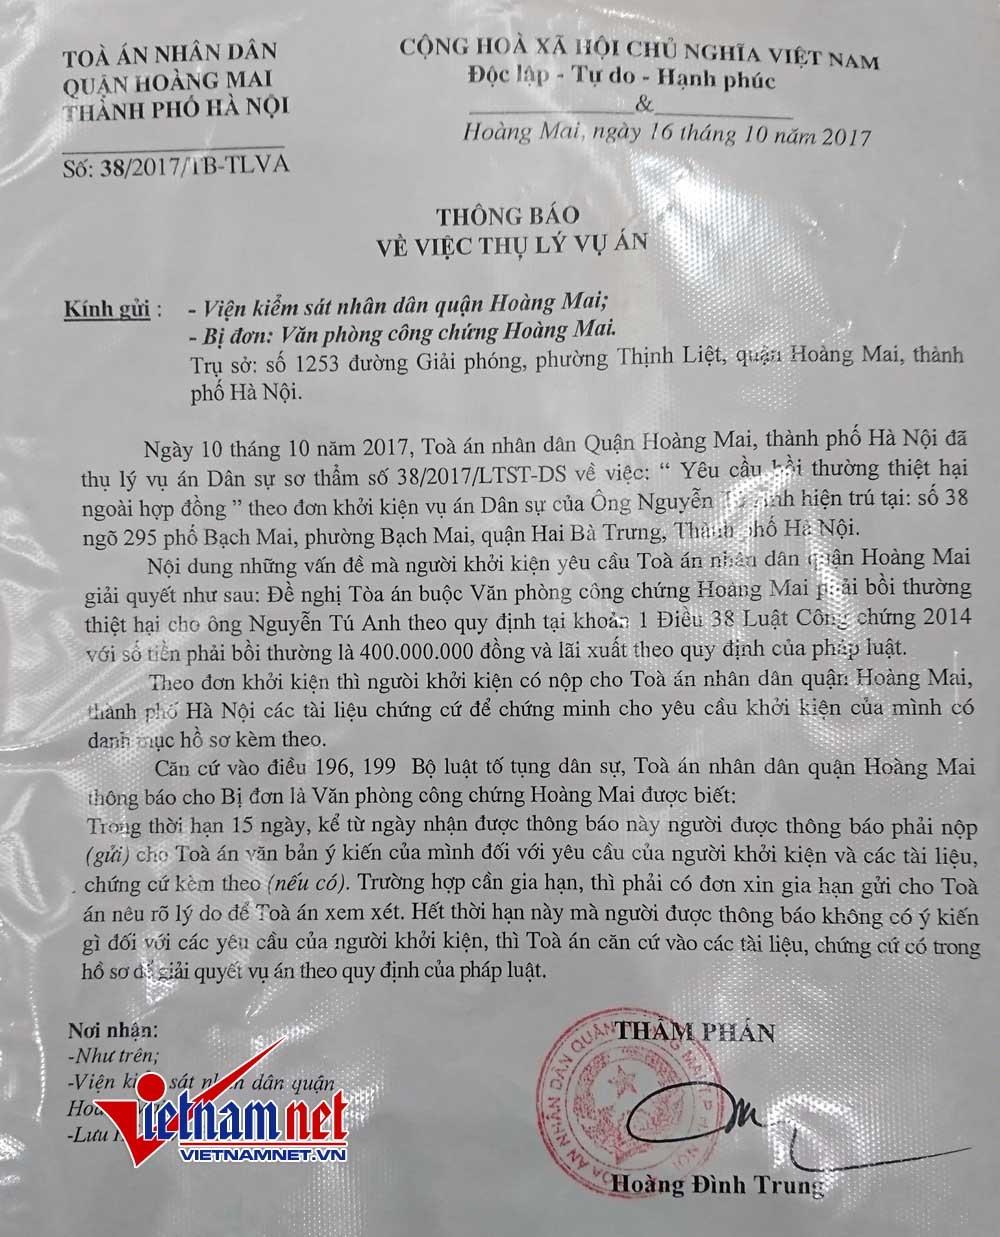 Hà Nội: Sai tên tuổi vẫn công chứng mảnh đất 400 triệu